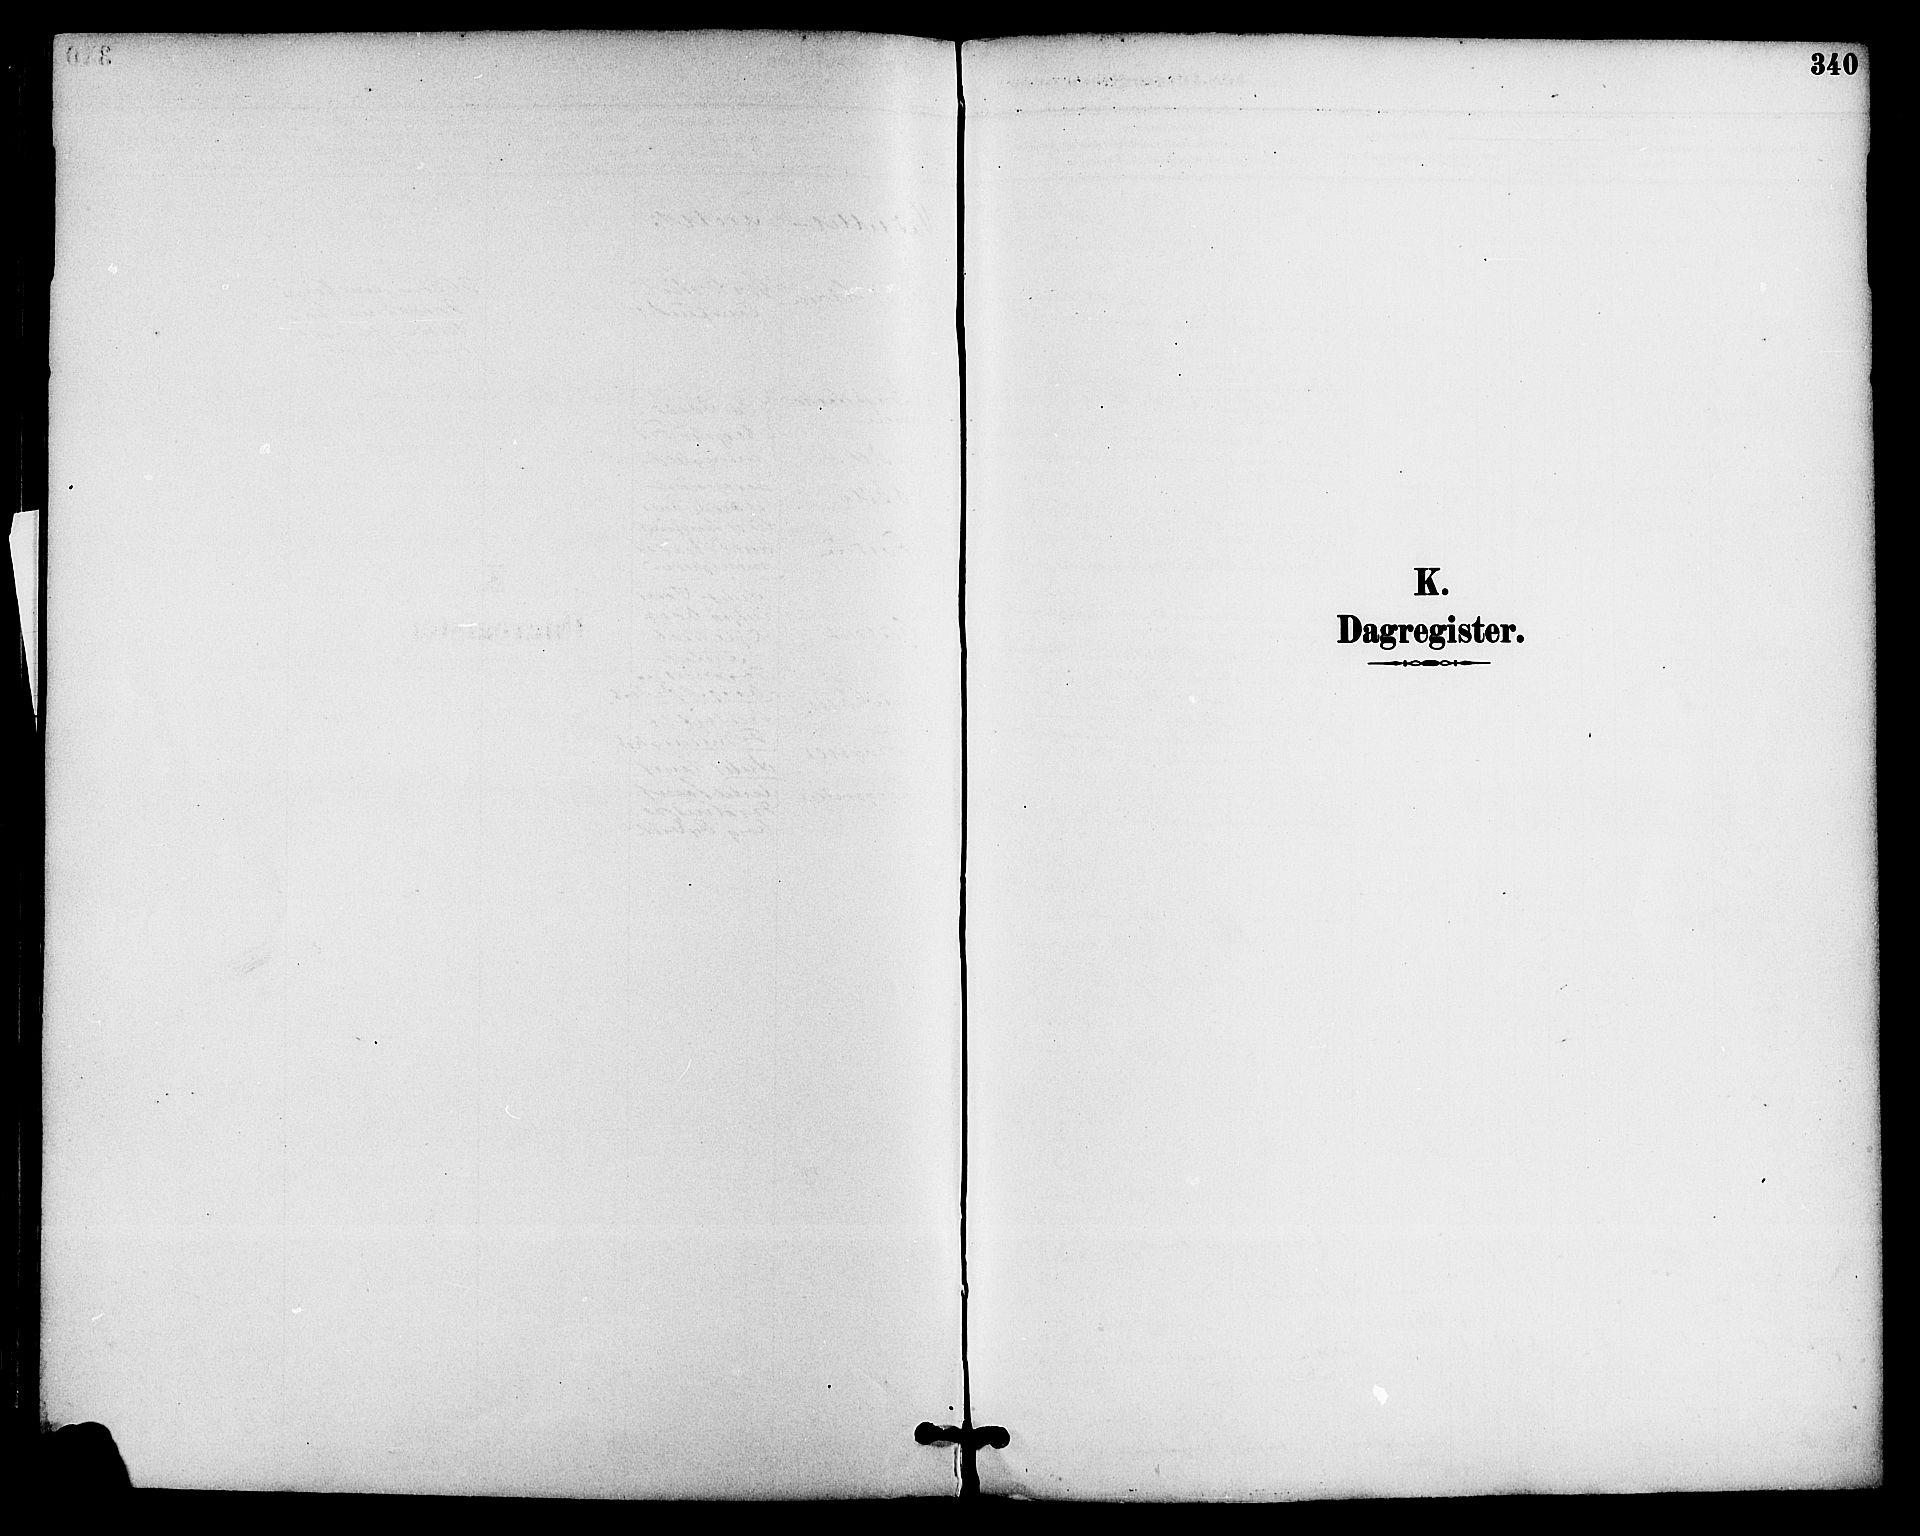 SAKO, Gjerpen kirkebøker, F/Fa/L0010: Ministerialbok nr. 10, 1886-1895, s. 340